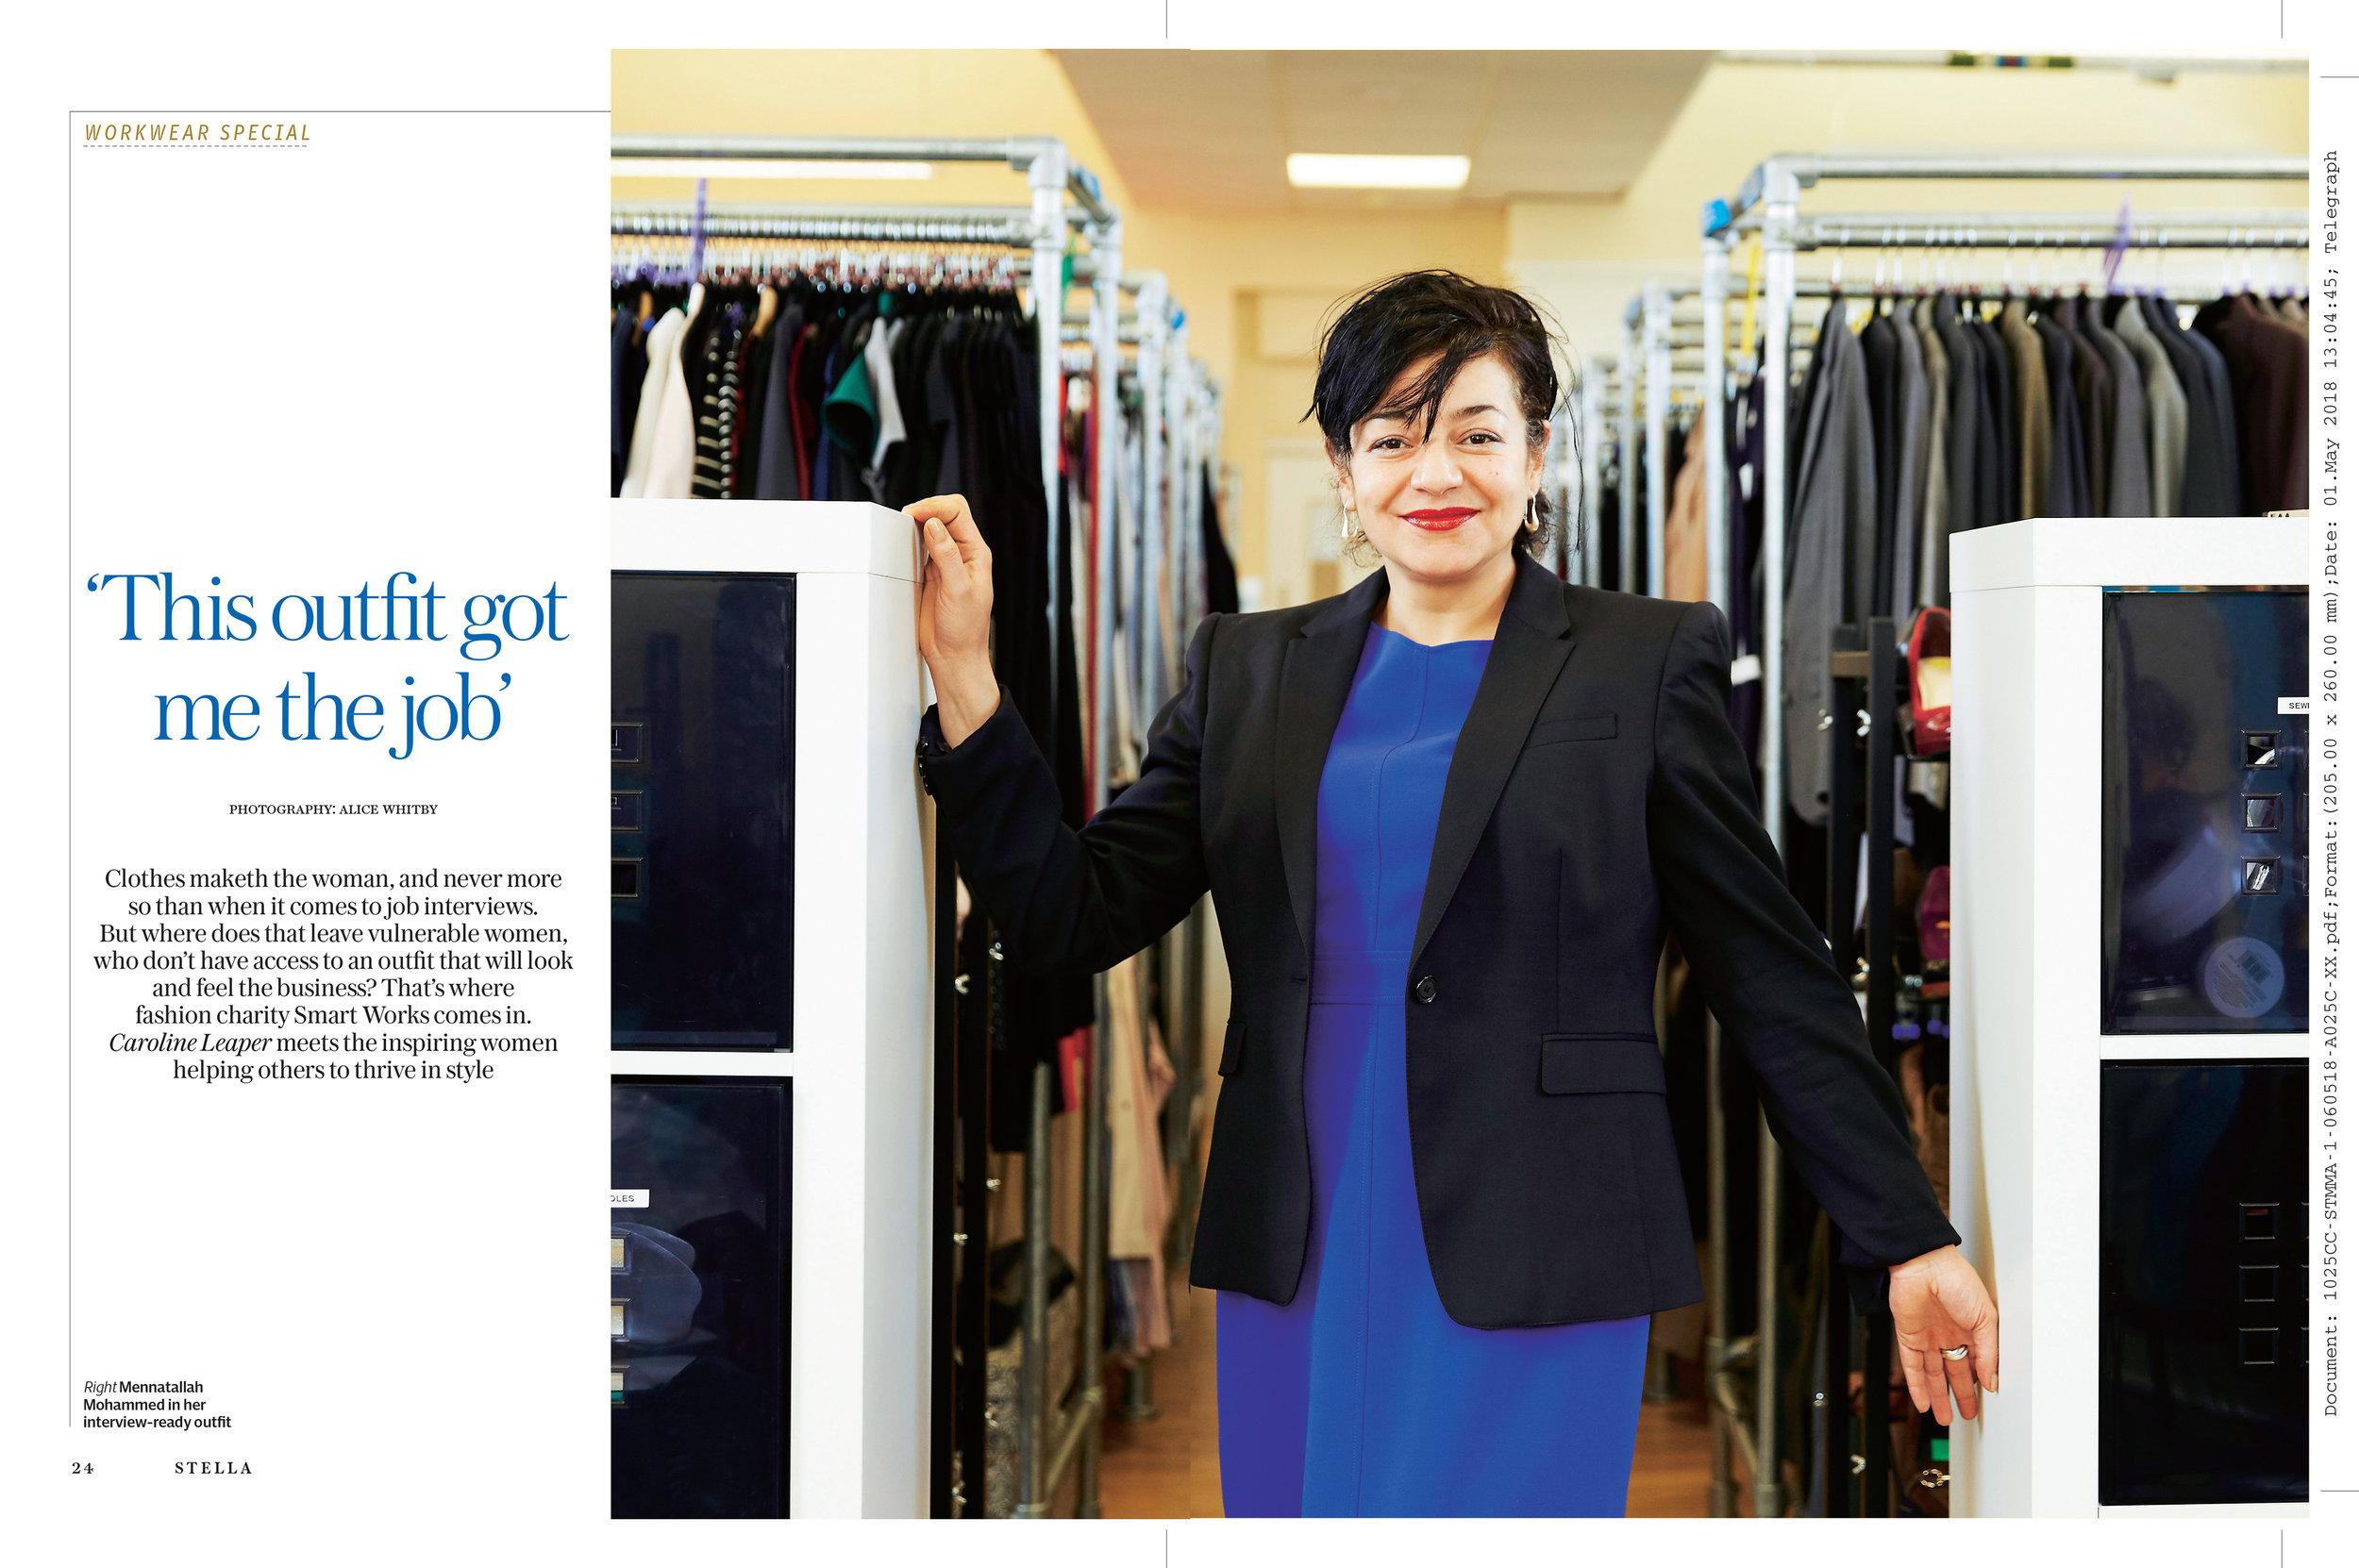 Sunday Telegraph Magazine_06-05-2018_Main_1st_p24 (1)-2.jpg